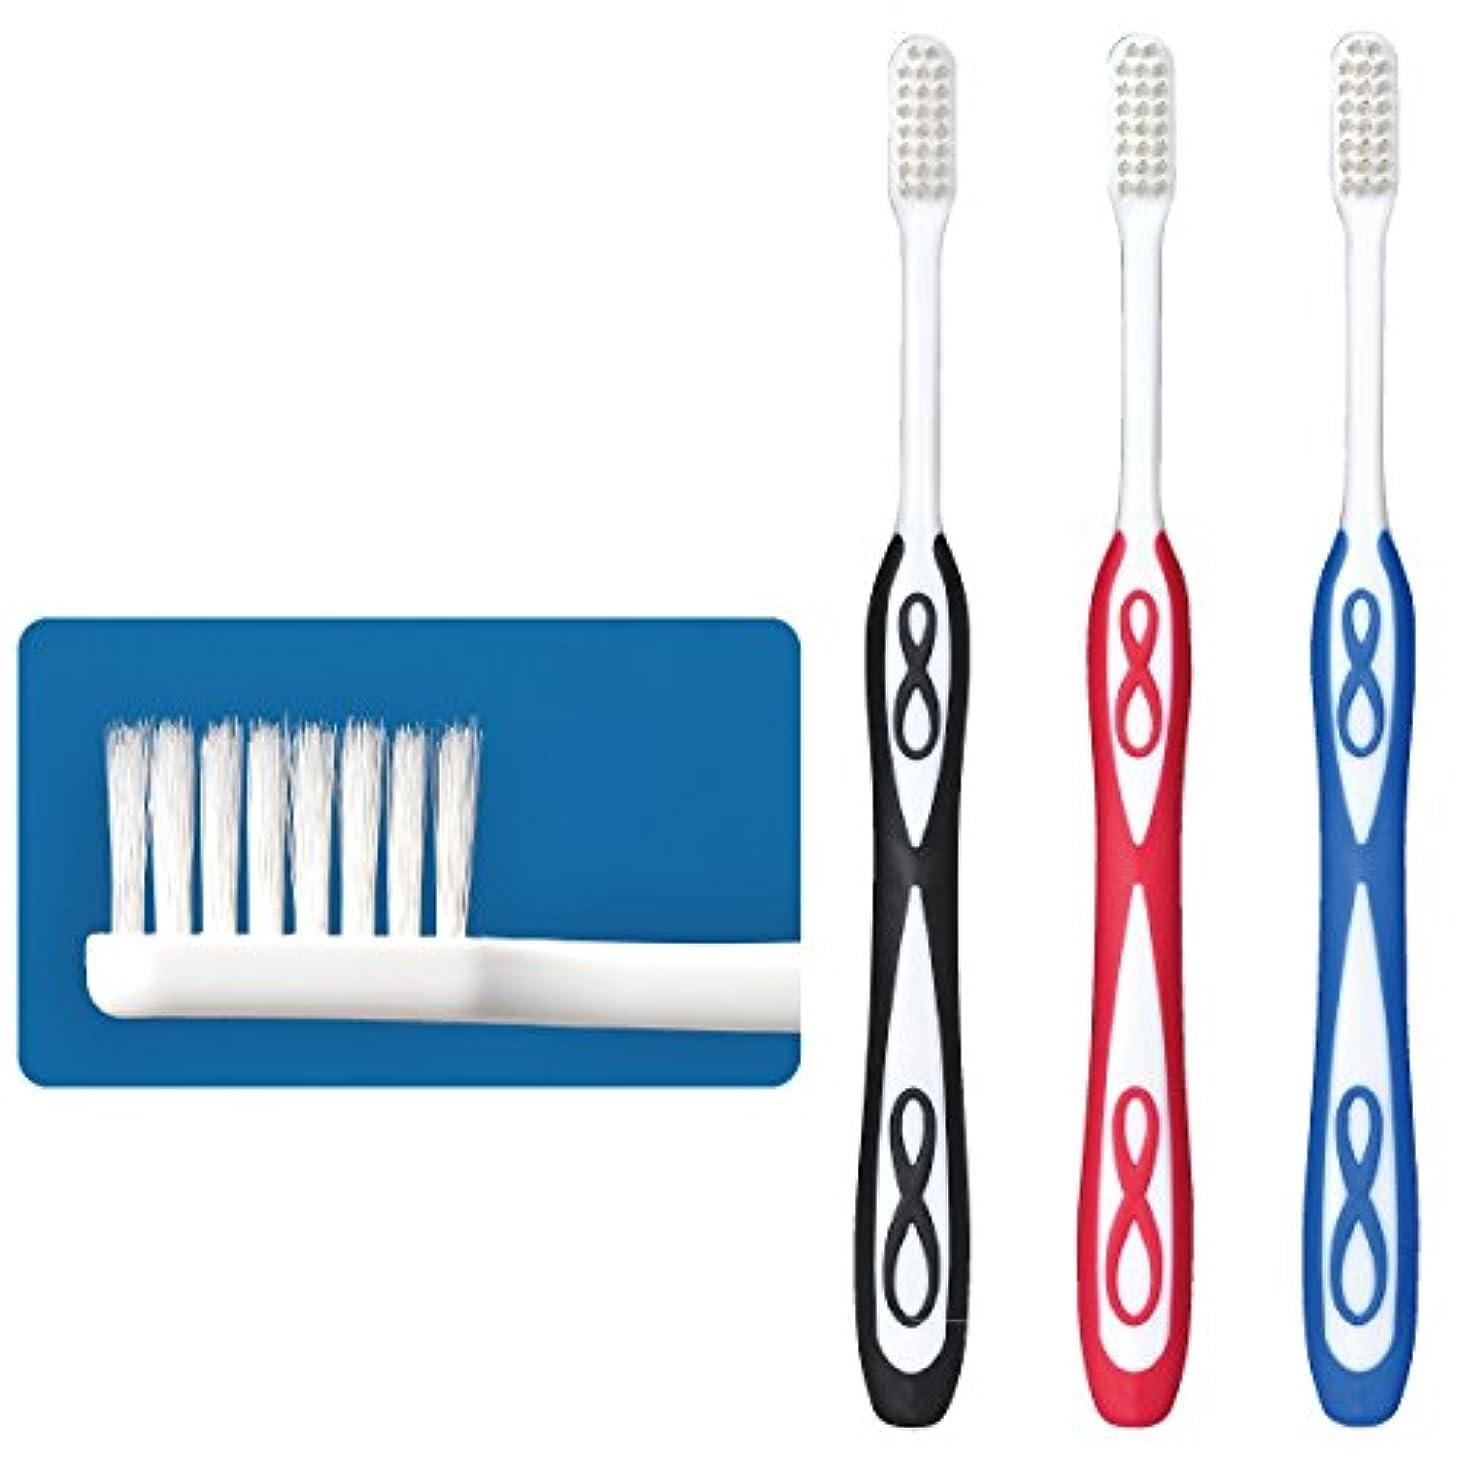 ステートメント再開プランテーションLover8(ラバーエイト)歯ブラシ レギュラータイプ オールテーパー毛 Mふつう 3本入